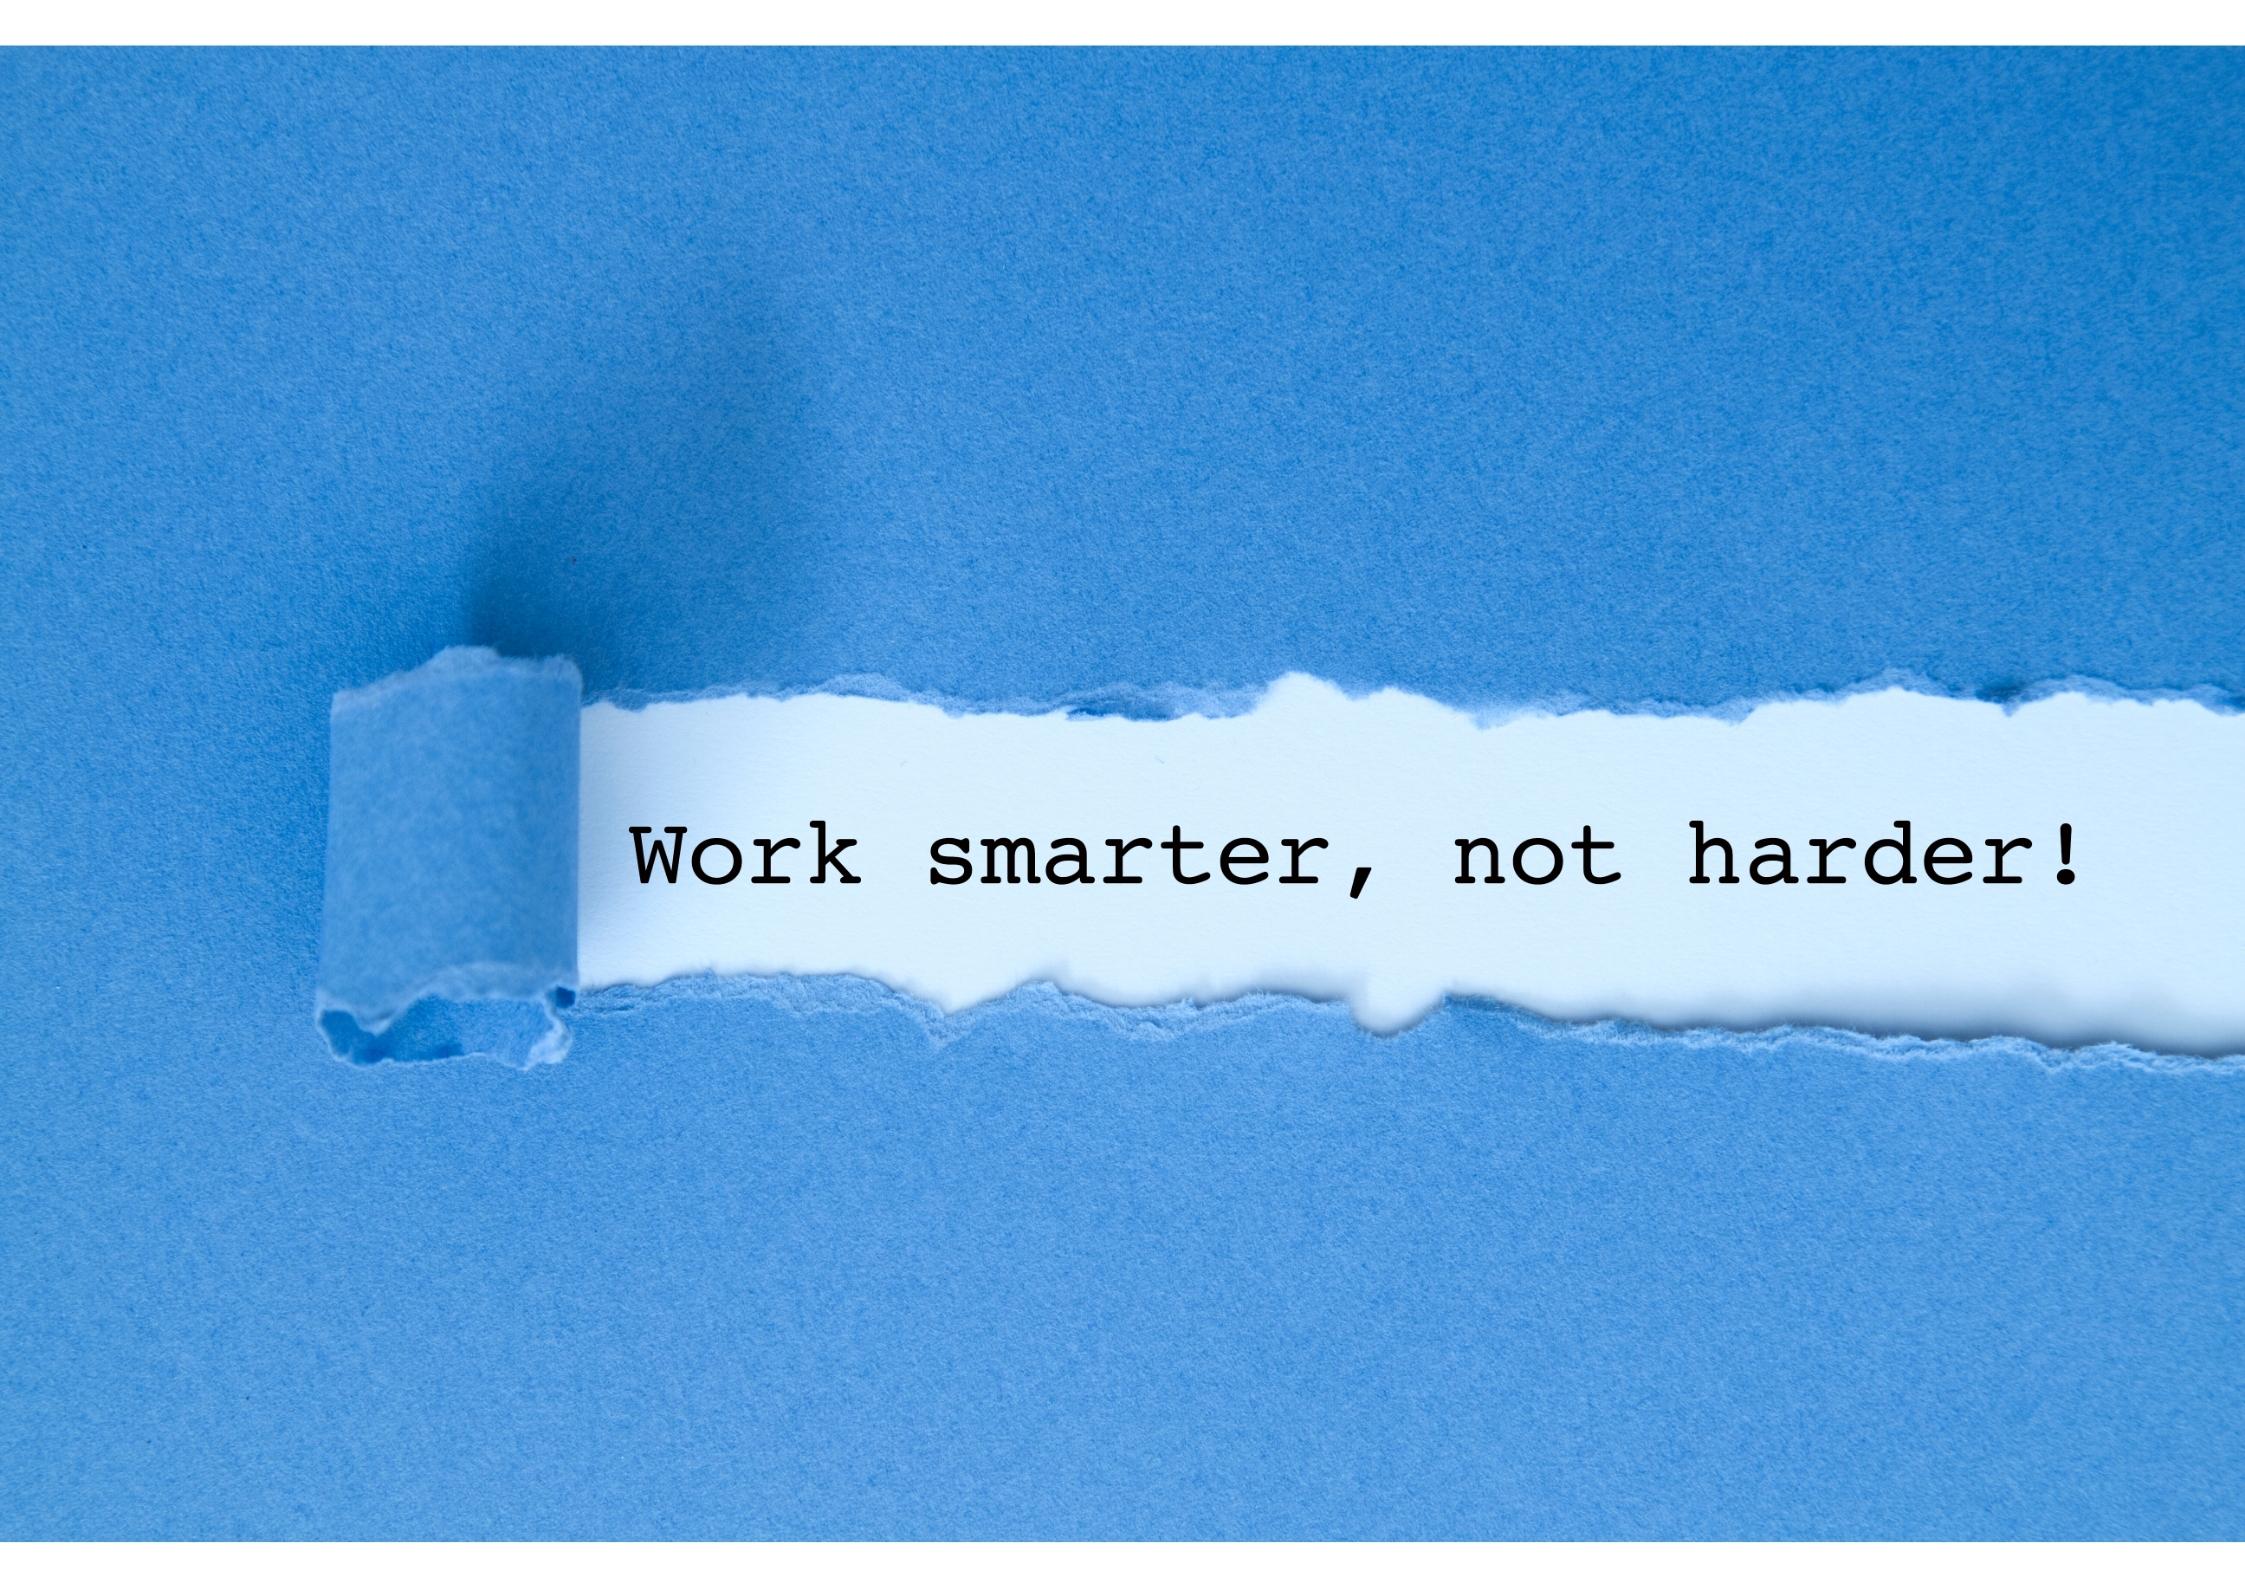 Productiviteit tips slimmer werken